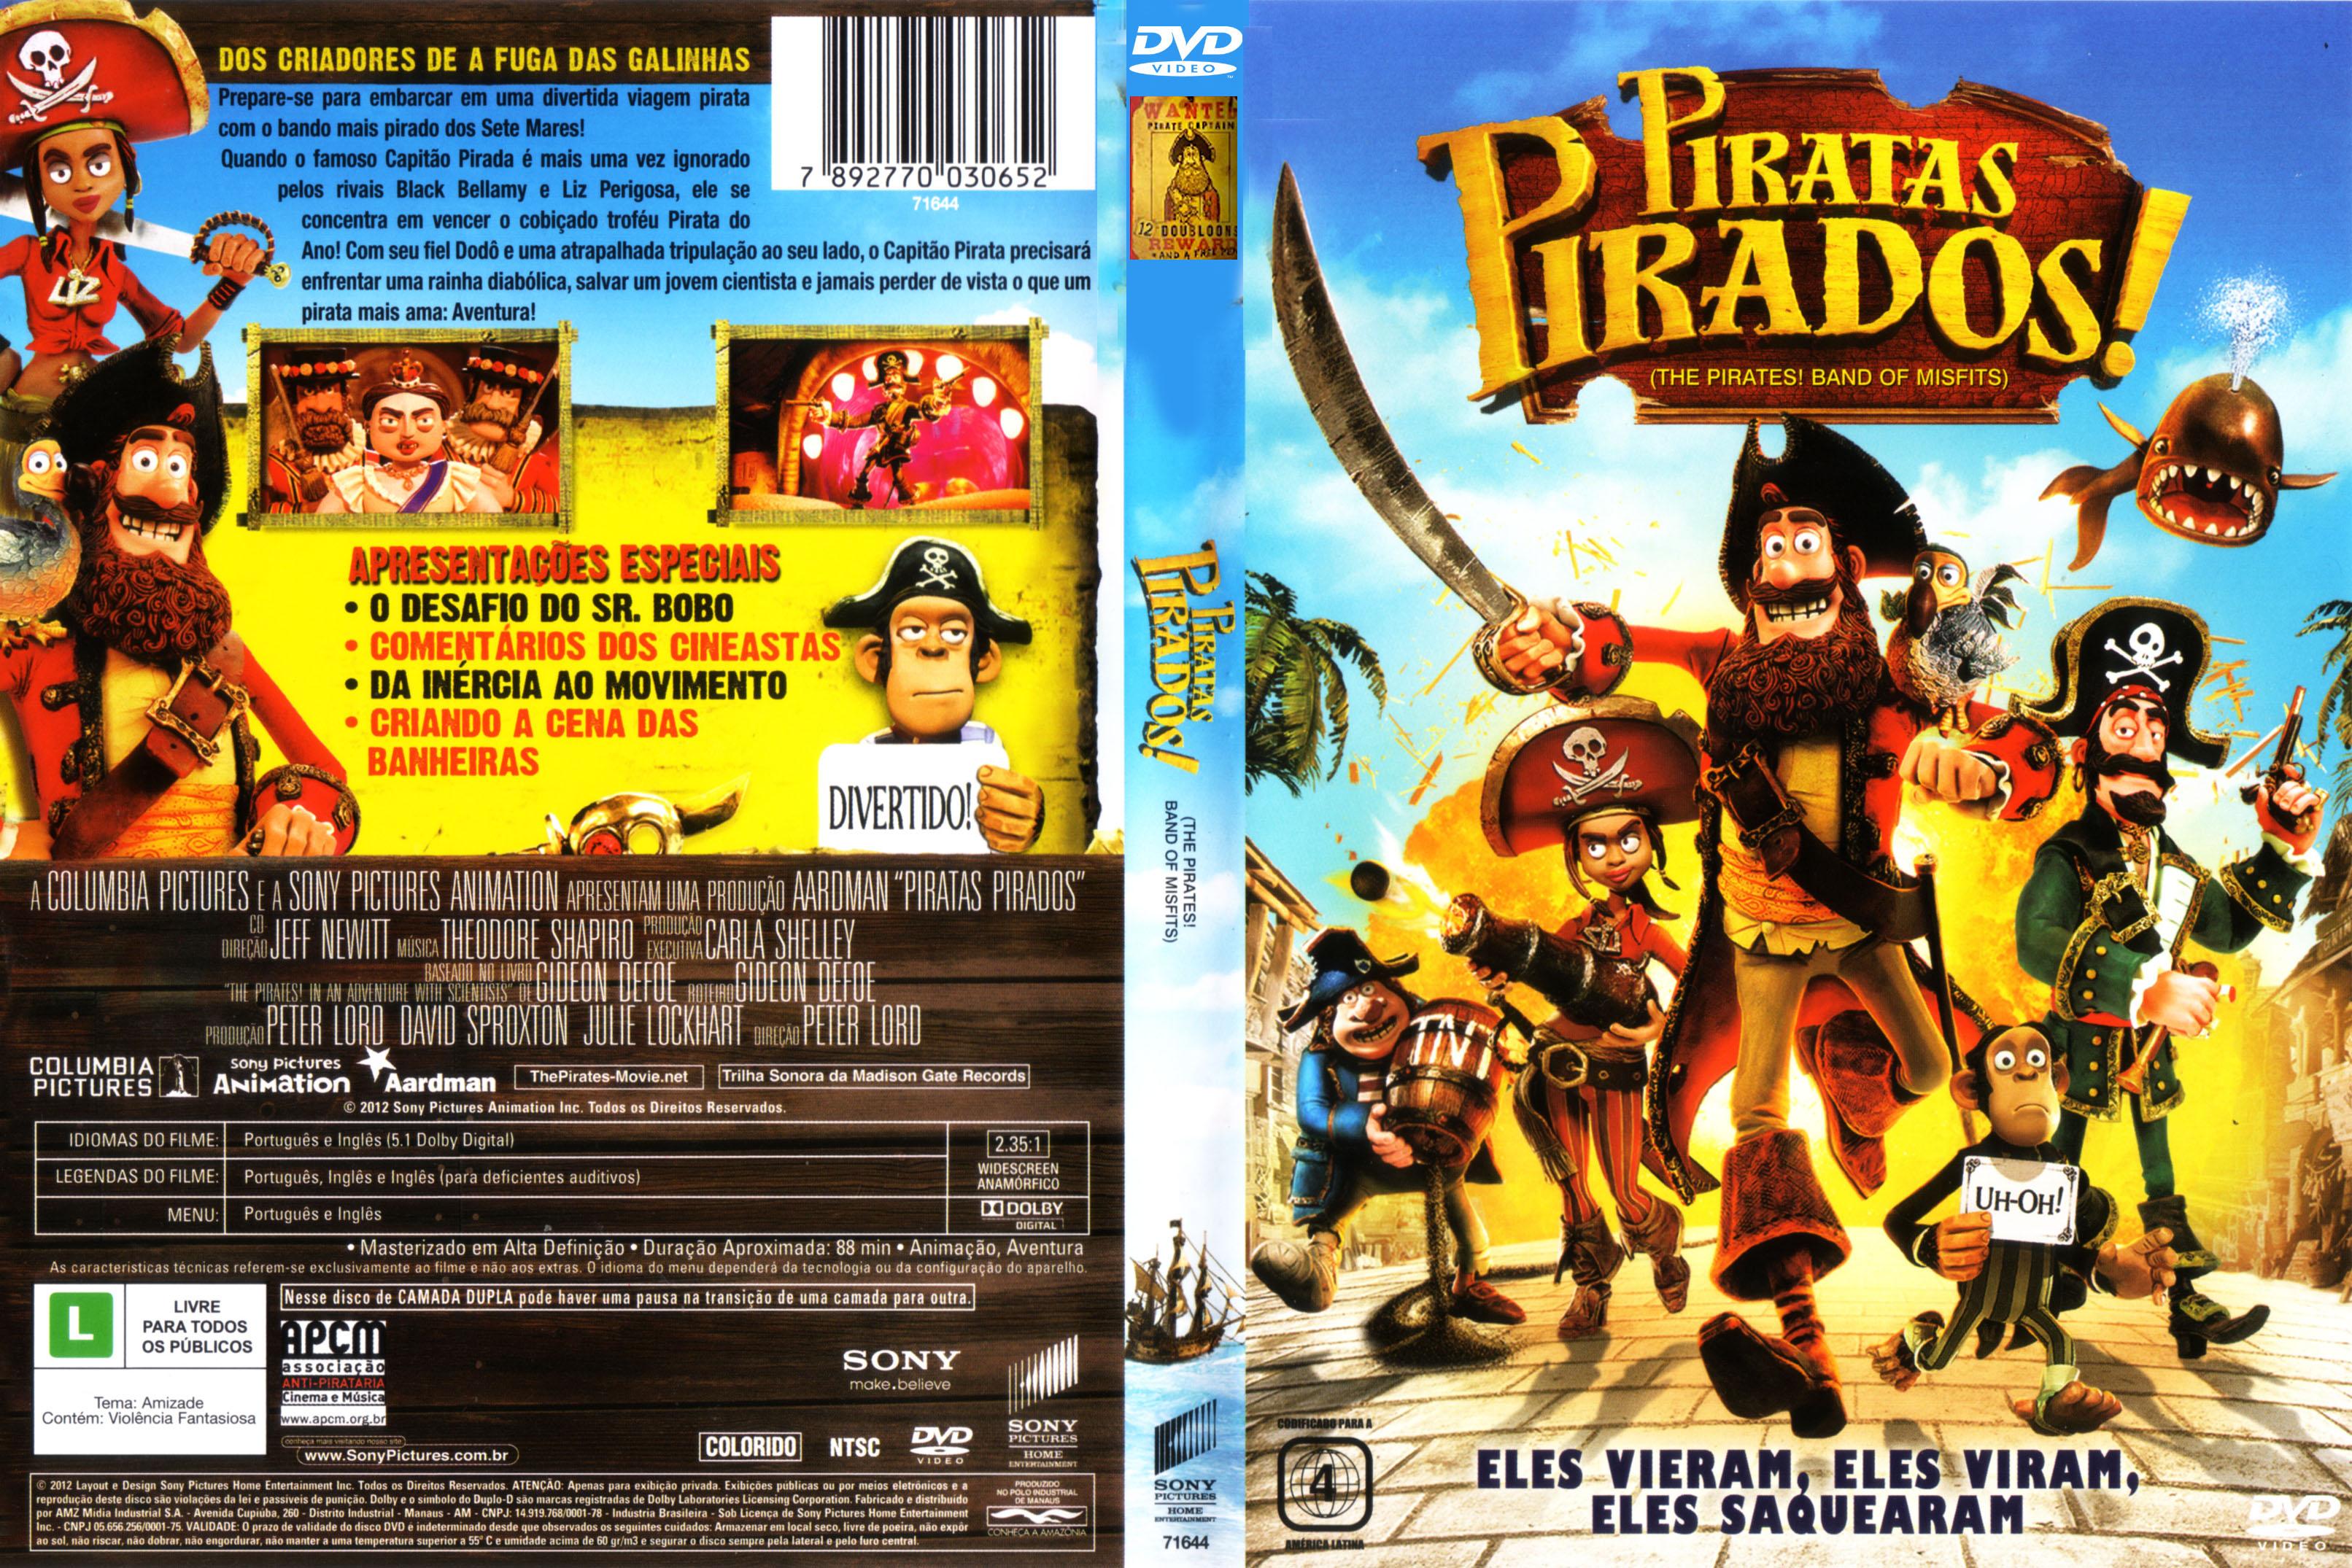 PiratasPirados